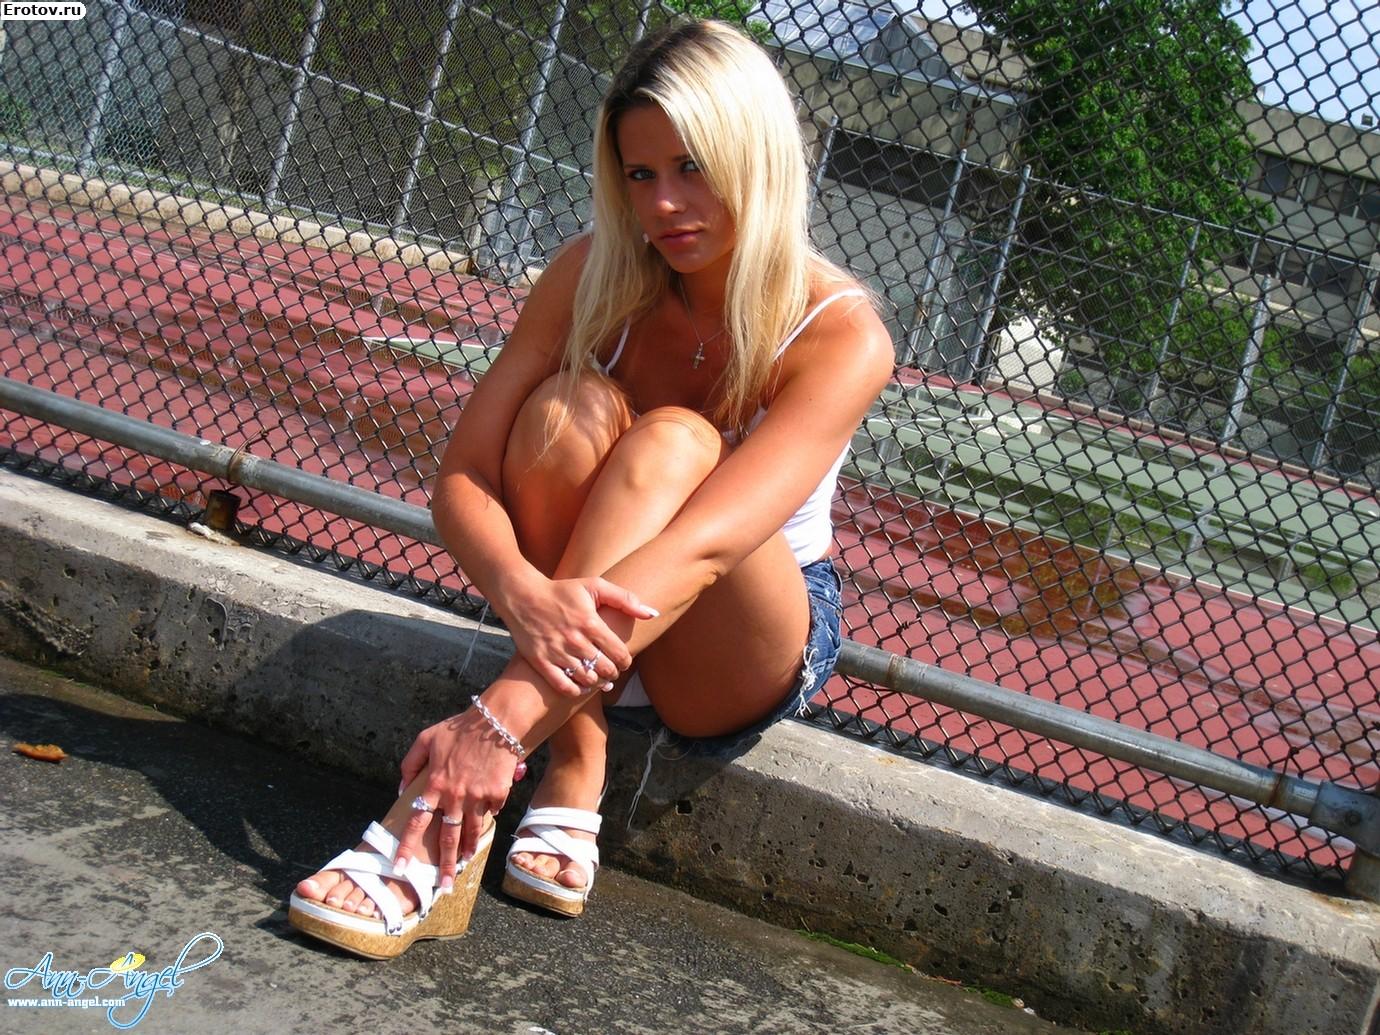 Студентка без трусов под юбкой 23 фотография